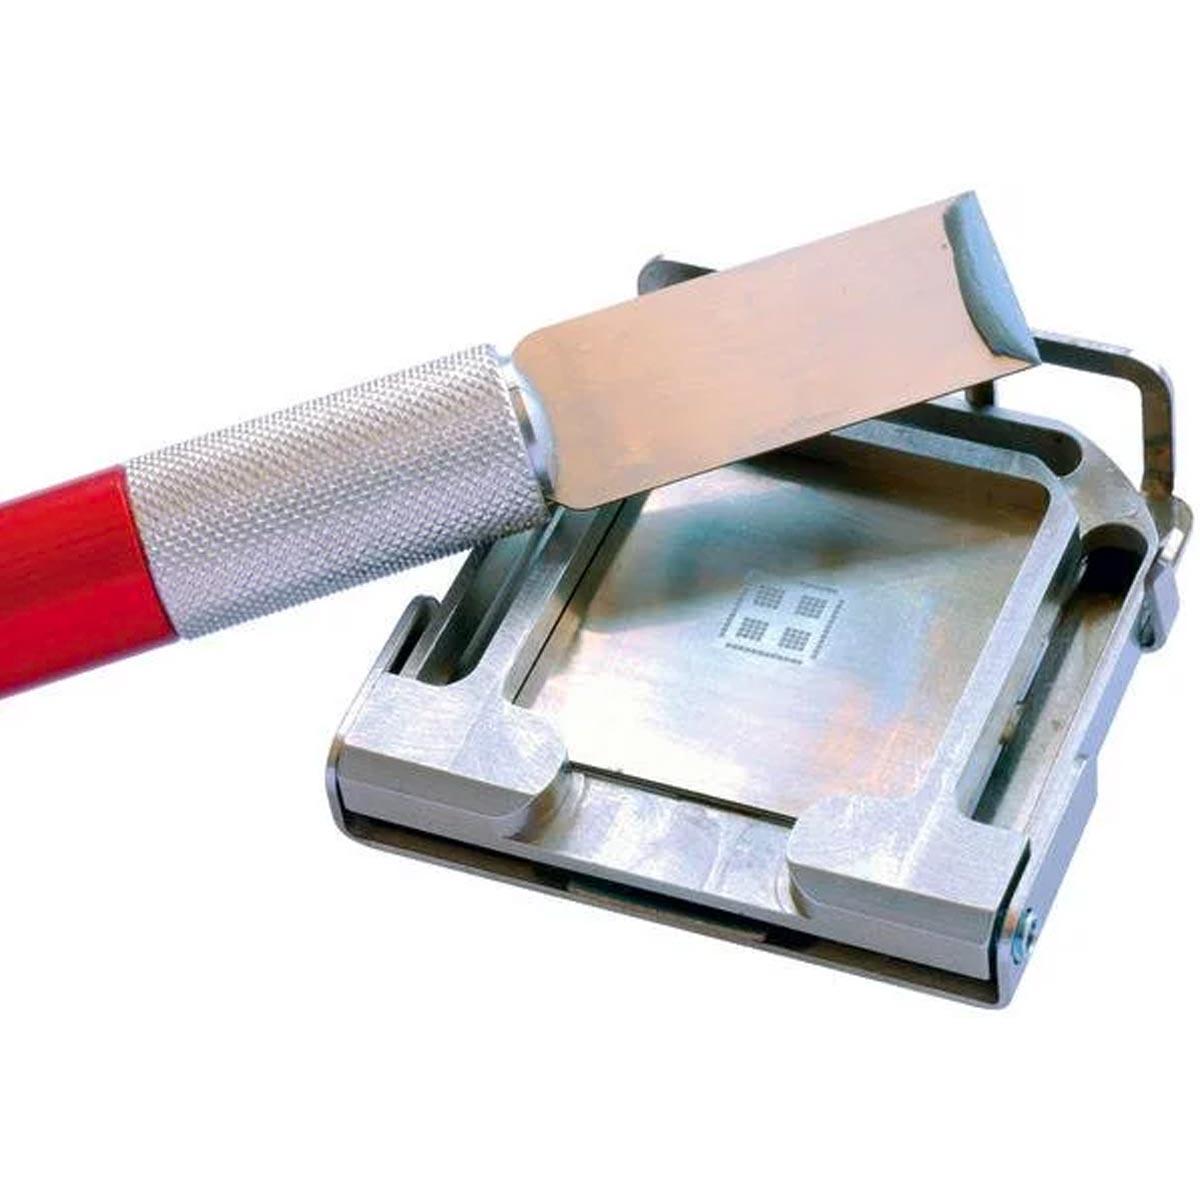 Мини-принтер для пребампинга ꜛ MARTIN   Hot PreBump